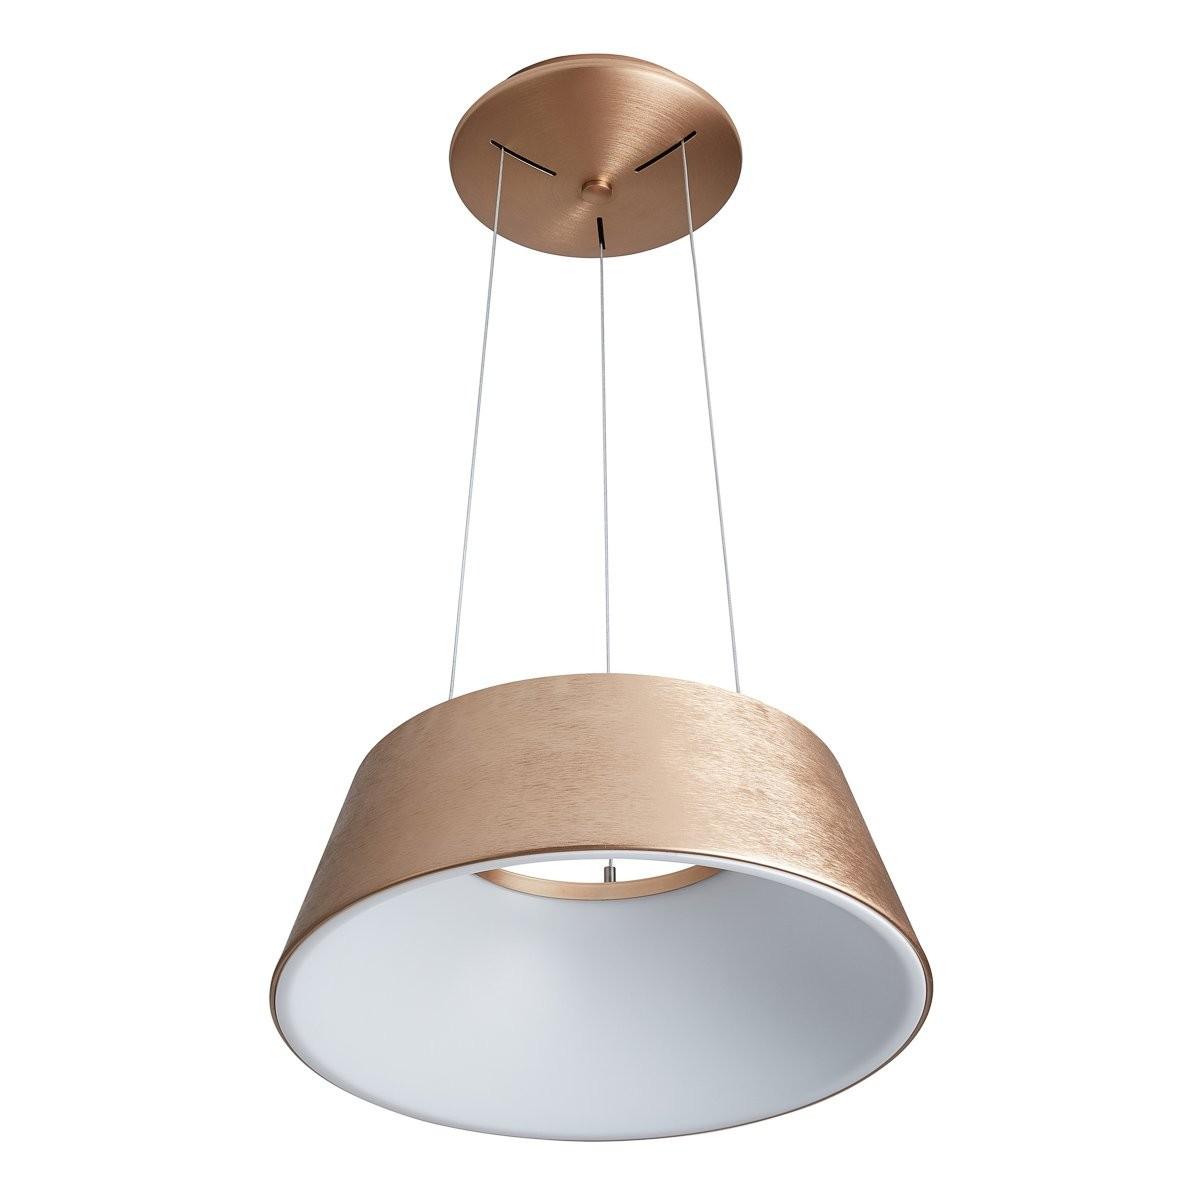 Italux 5356-840RP-GB-3 LED závěsné stropní svítidlo Lunga1x40W | 2200lm | 3000K - zlatohnědá, bílá